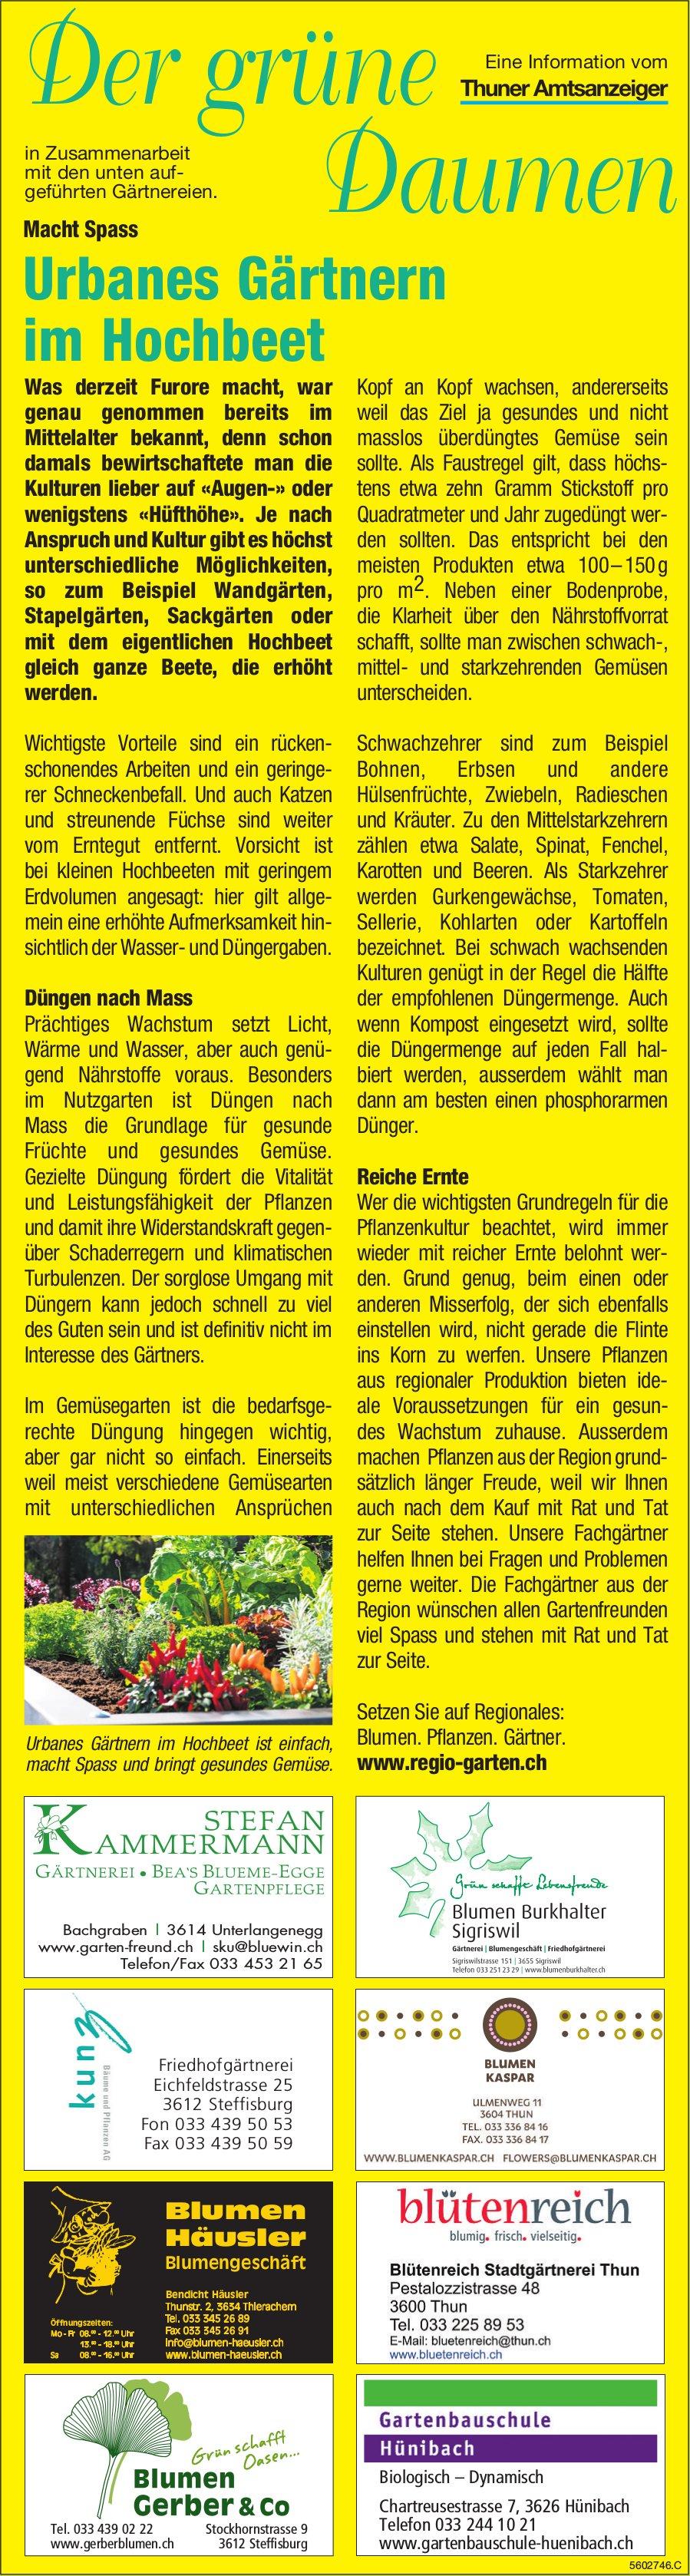 Der grüne Daumen - Urbanes Gärtnern im Hochbeet